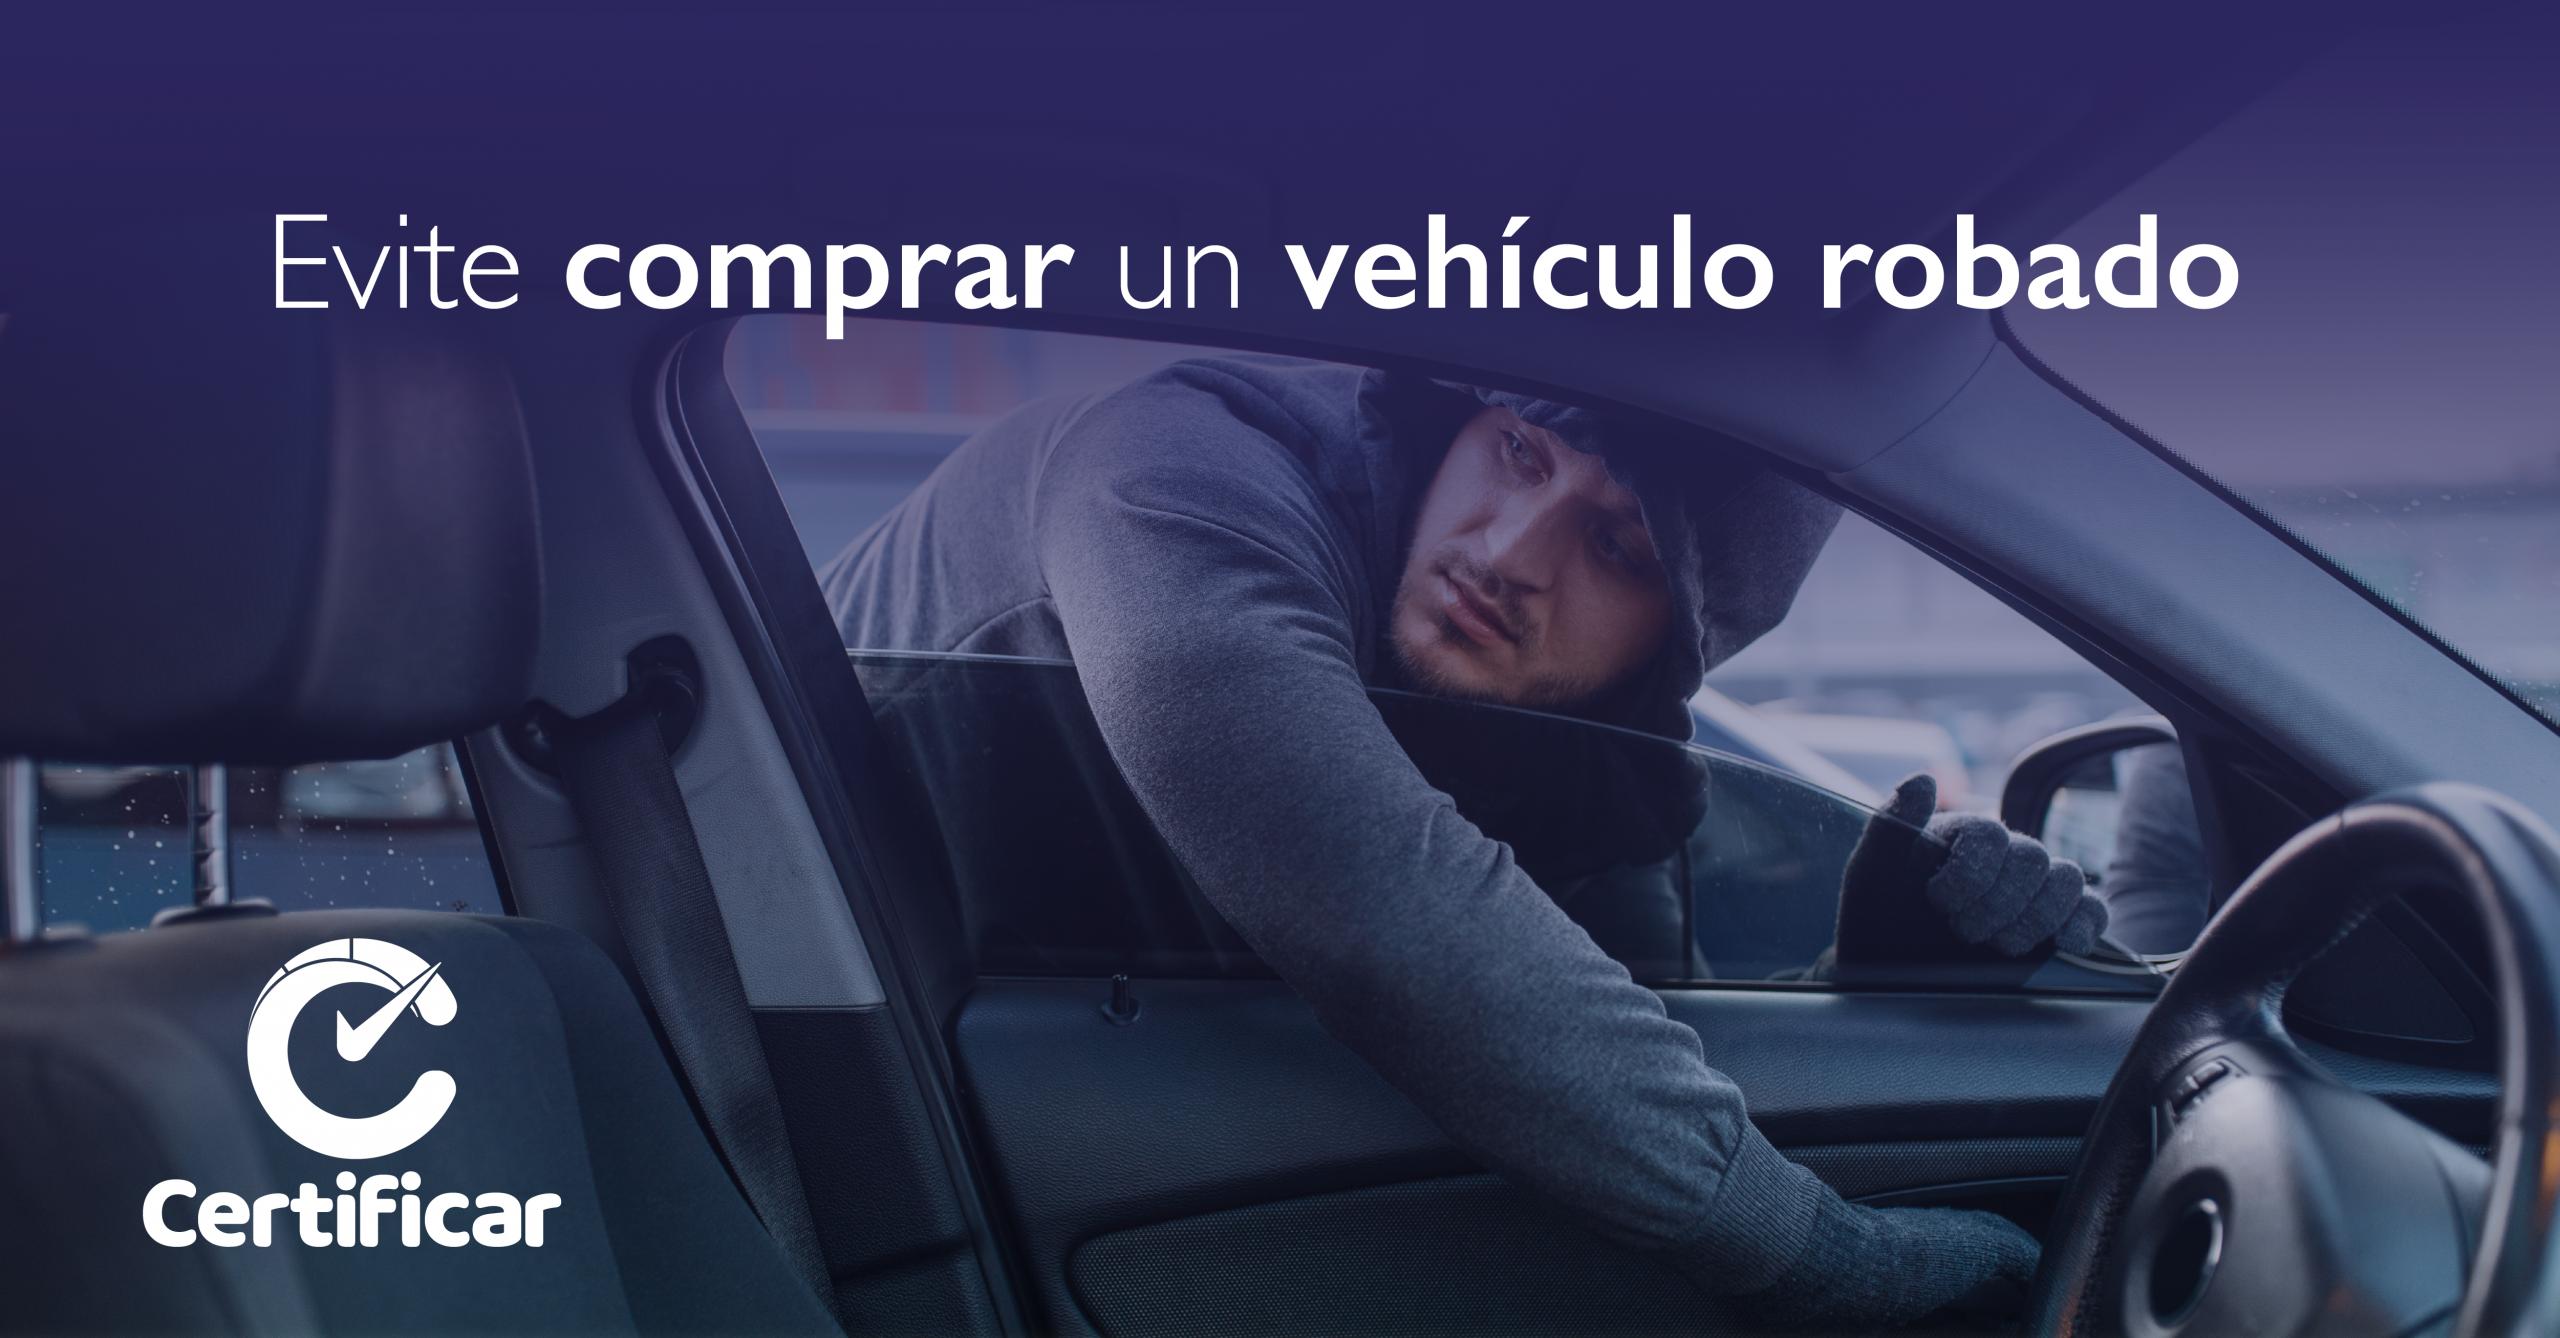 Evite comprar un vehículo usado